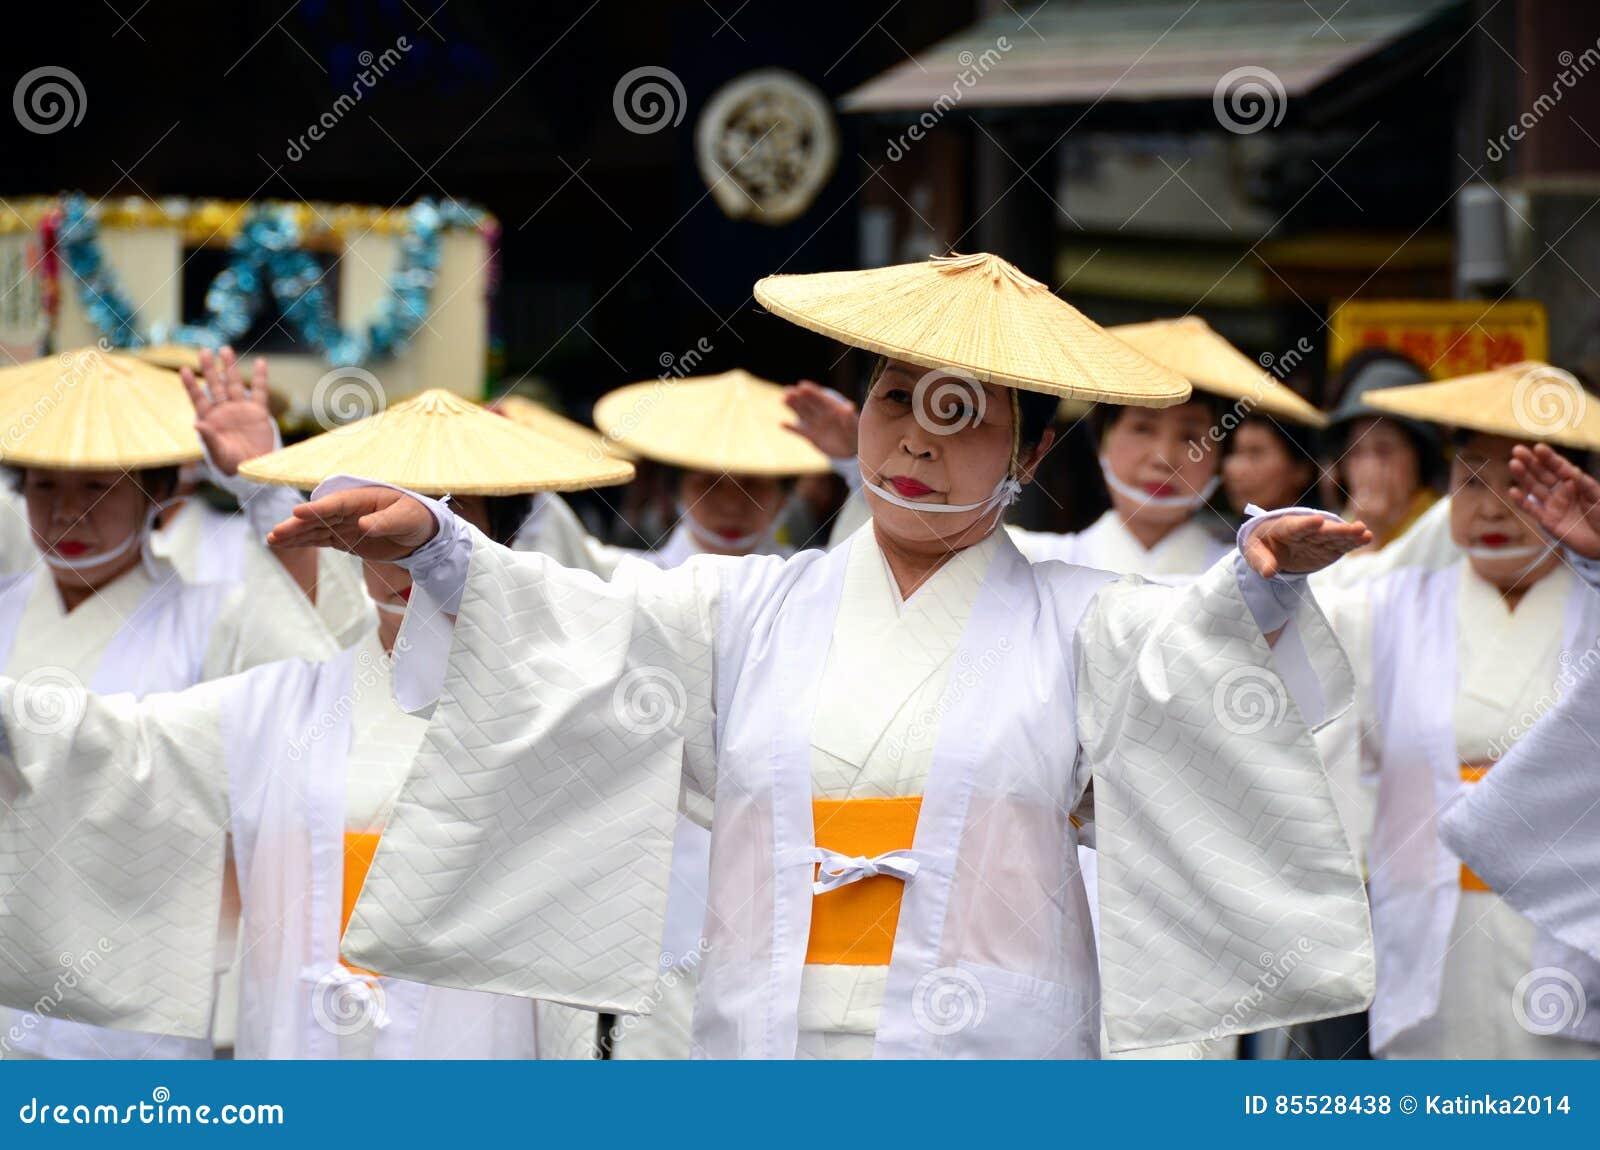 Ηλικιωμένοι ιαπωνικοί λαϊκοί χορευτές στα παραδοσιακά ενδύματα